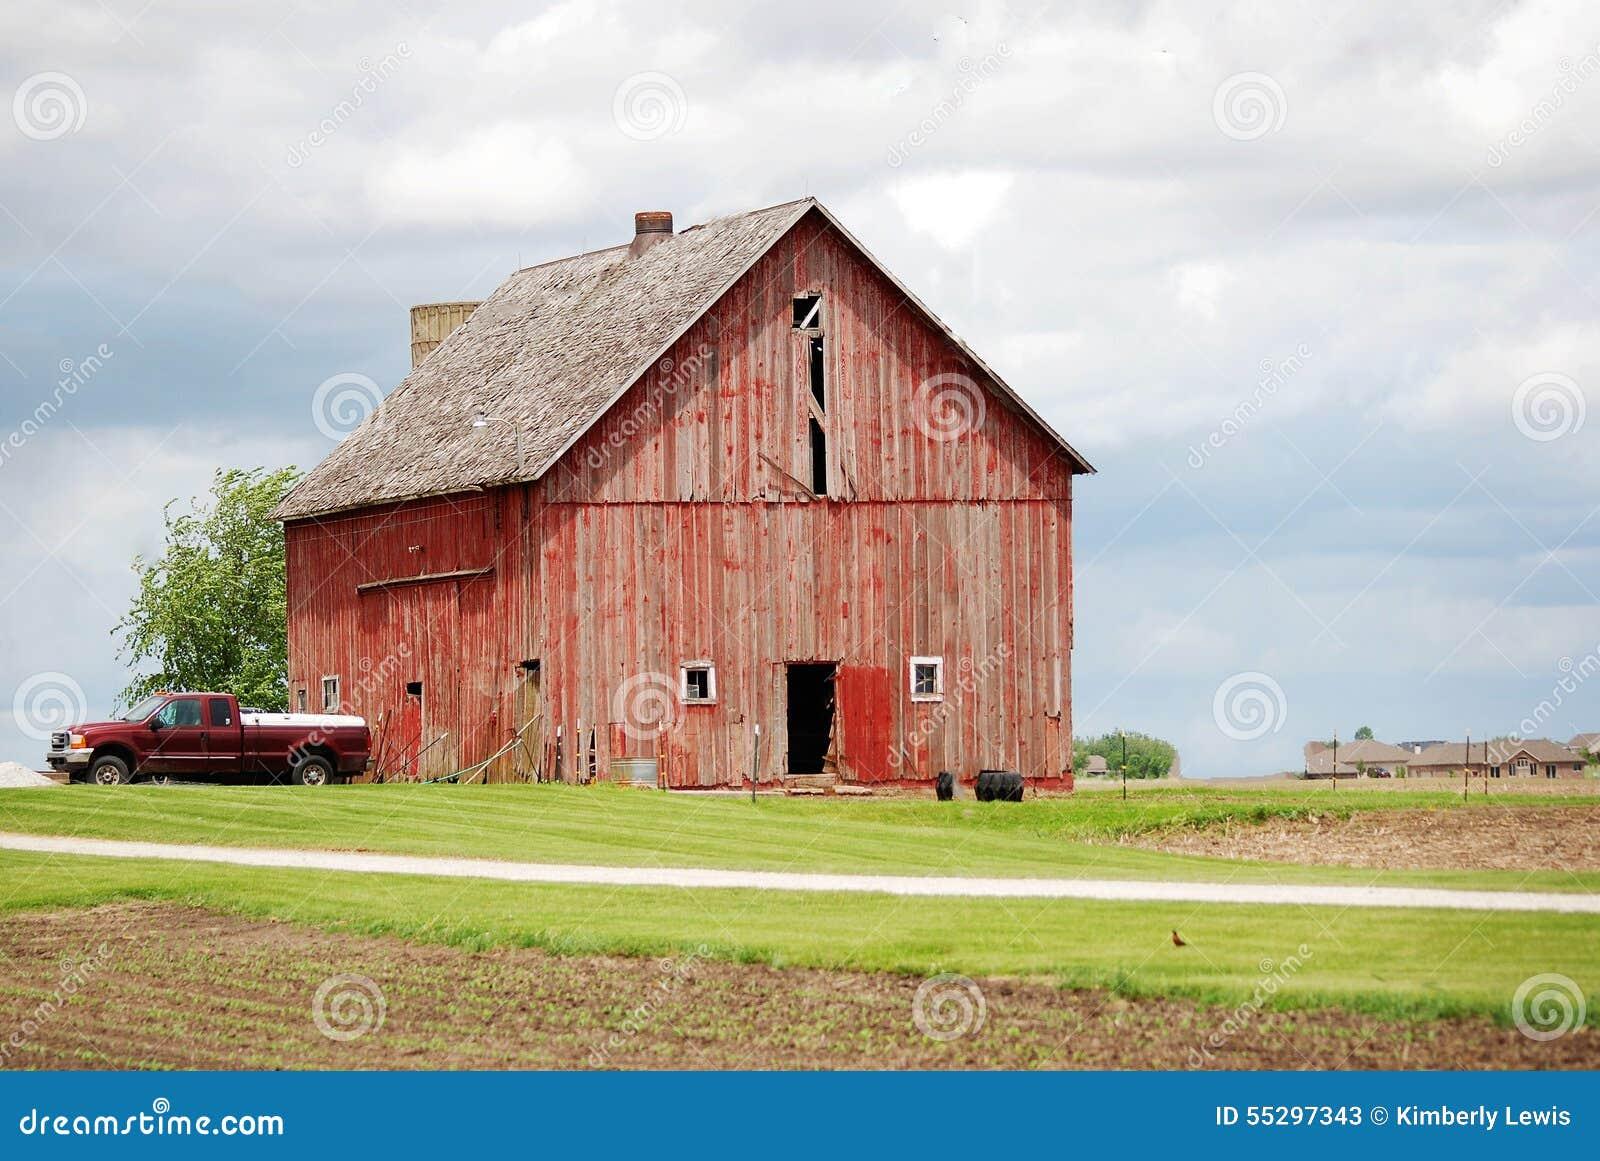 Un Granero Viejo, Rojo Rural Con Una Camioneta Pickup Roja Imagen de ...